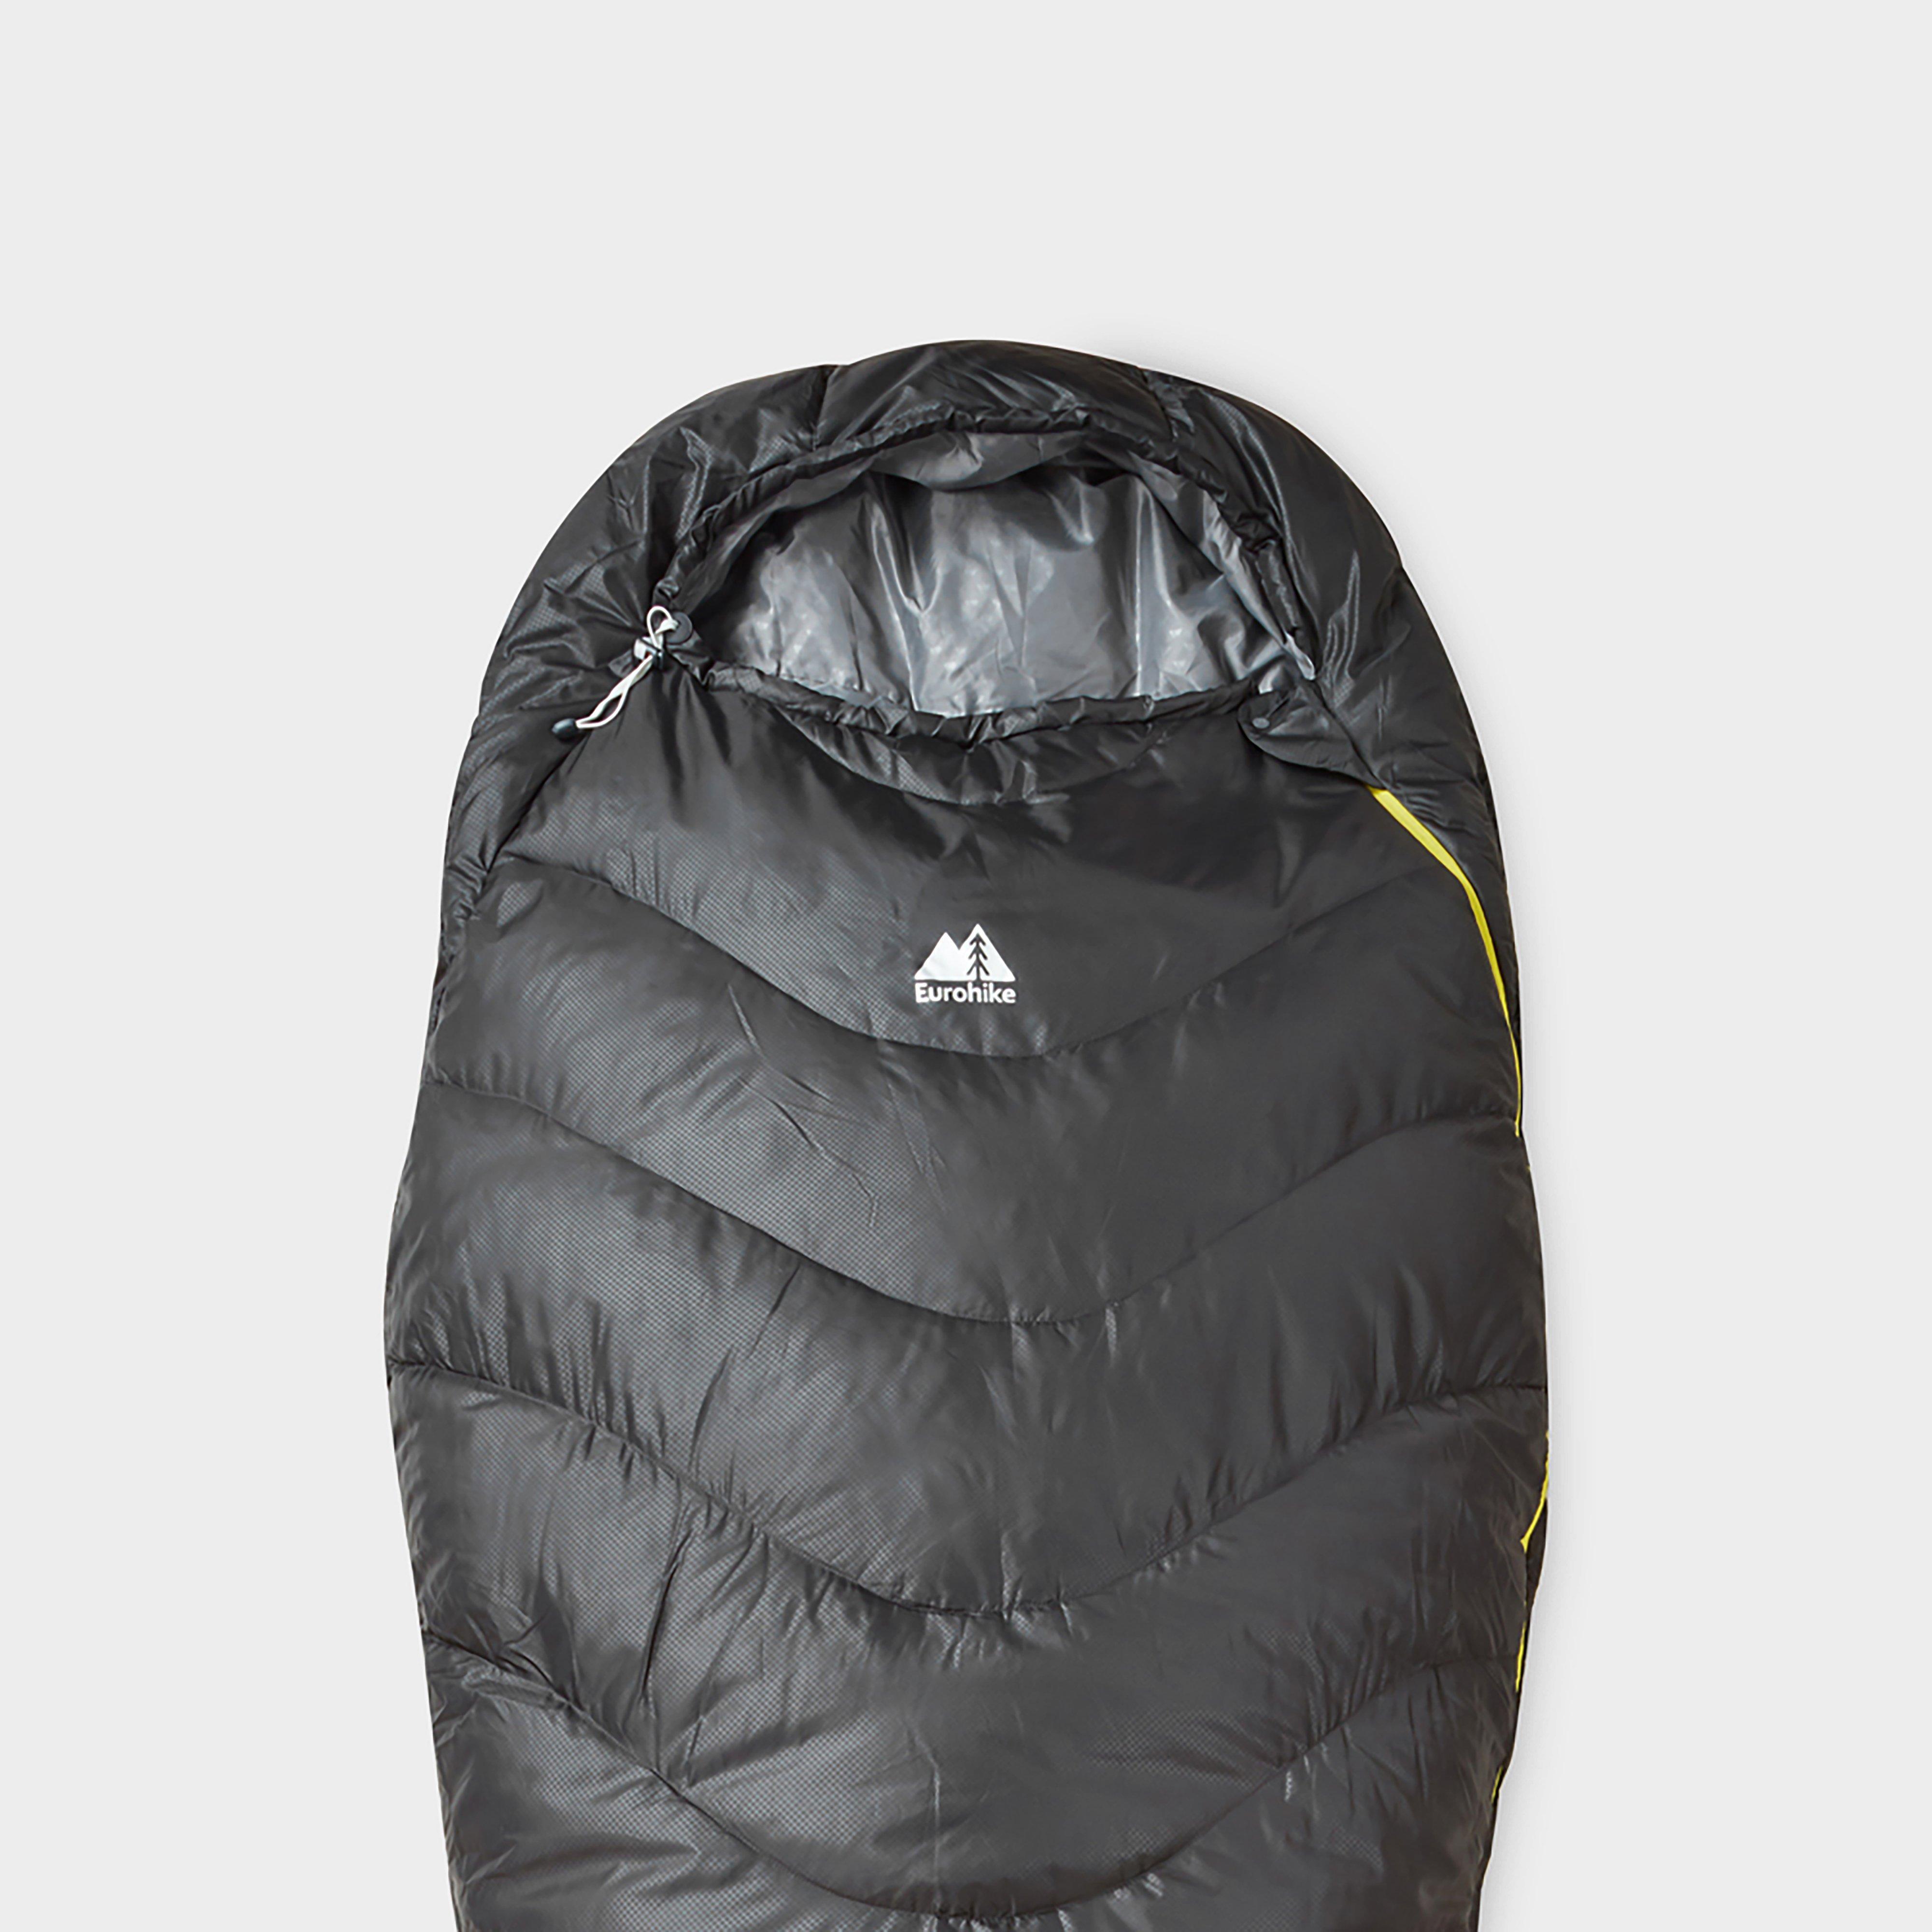 Eurohike Eurohike Adventurer 300XL Sleeping Bag - Grey, Grey